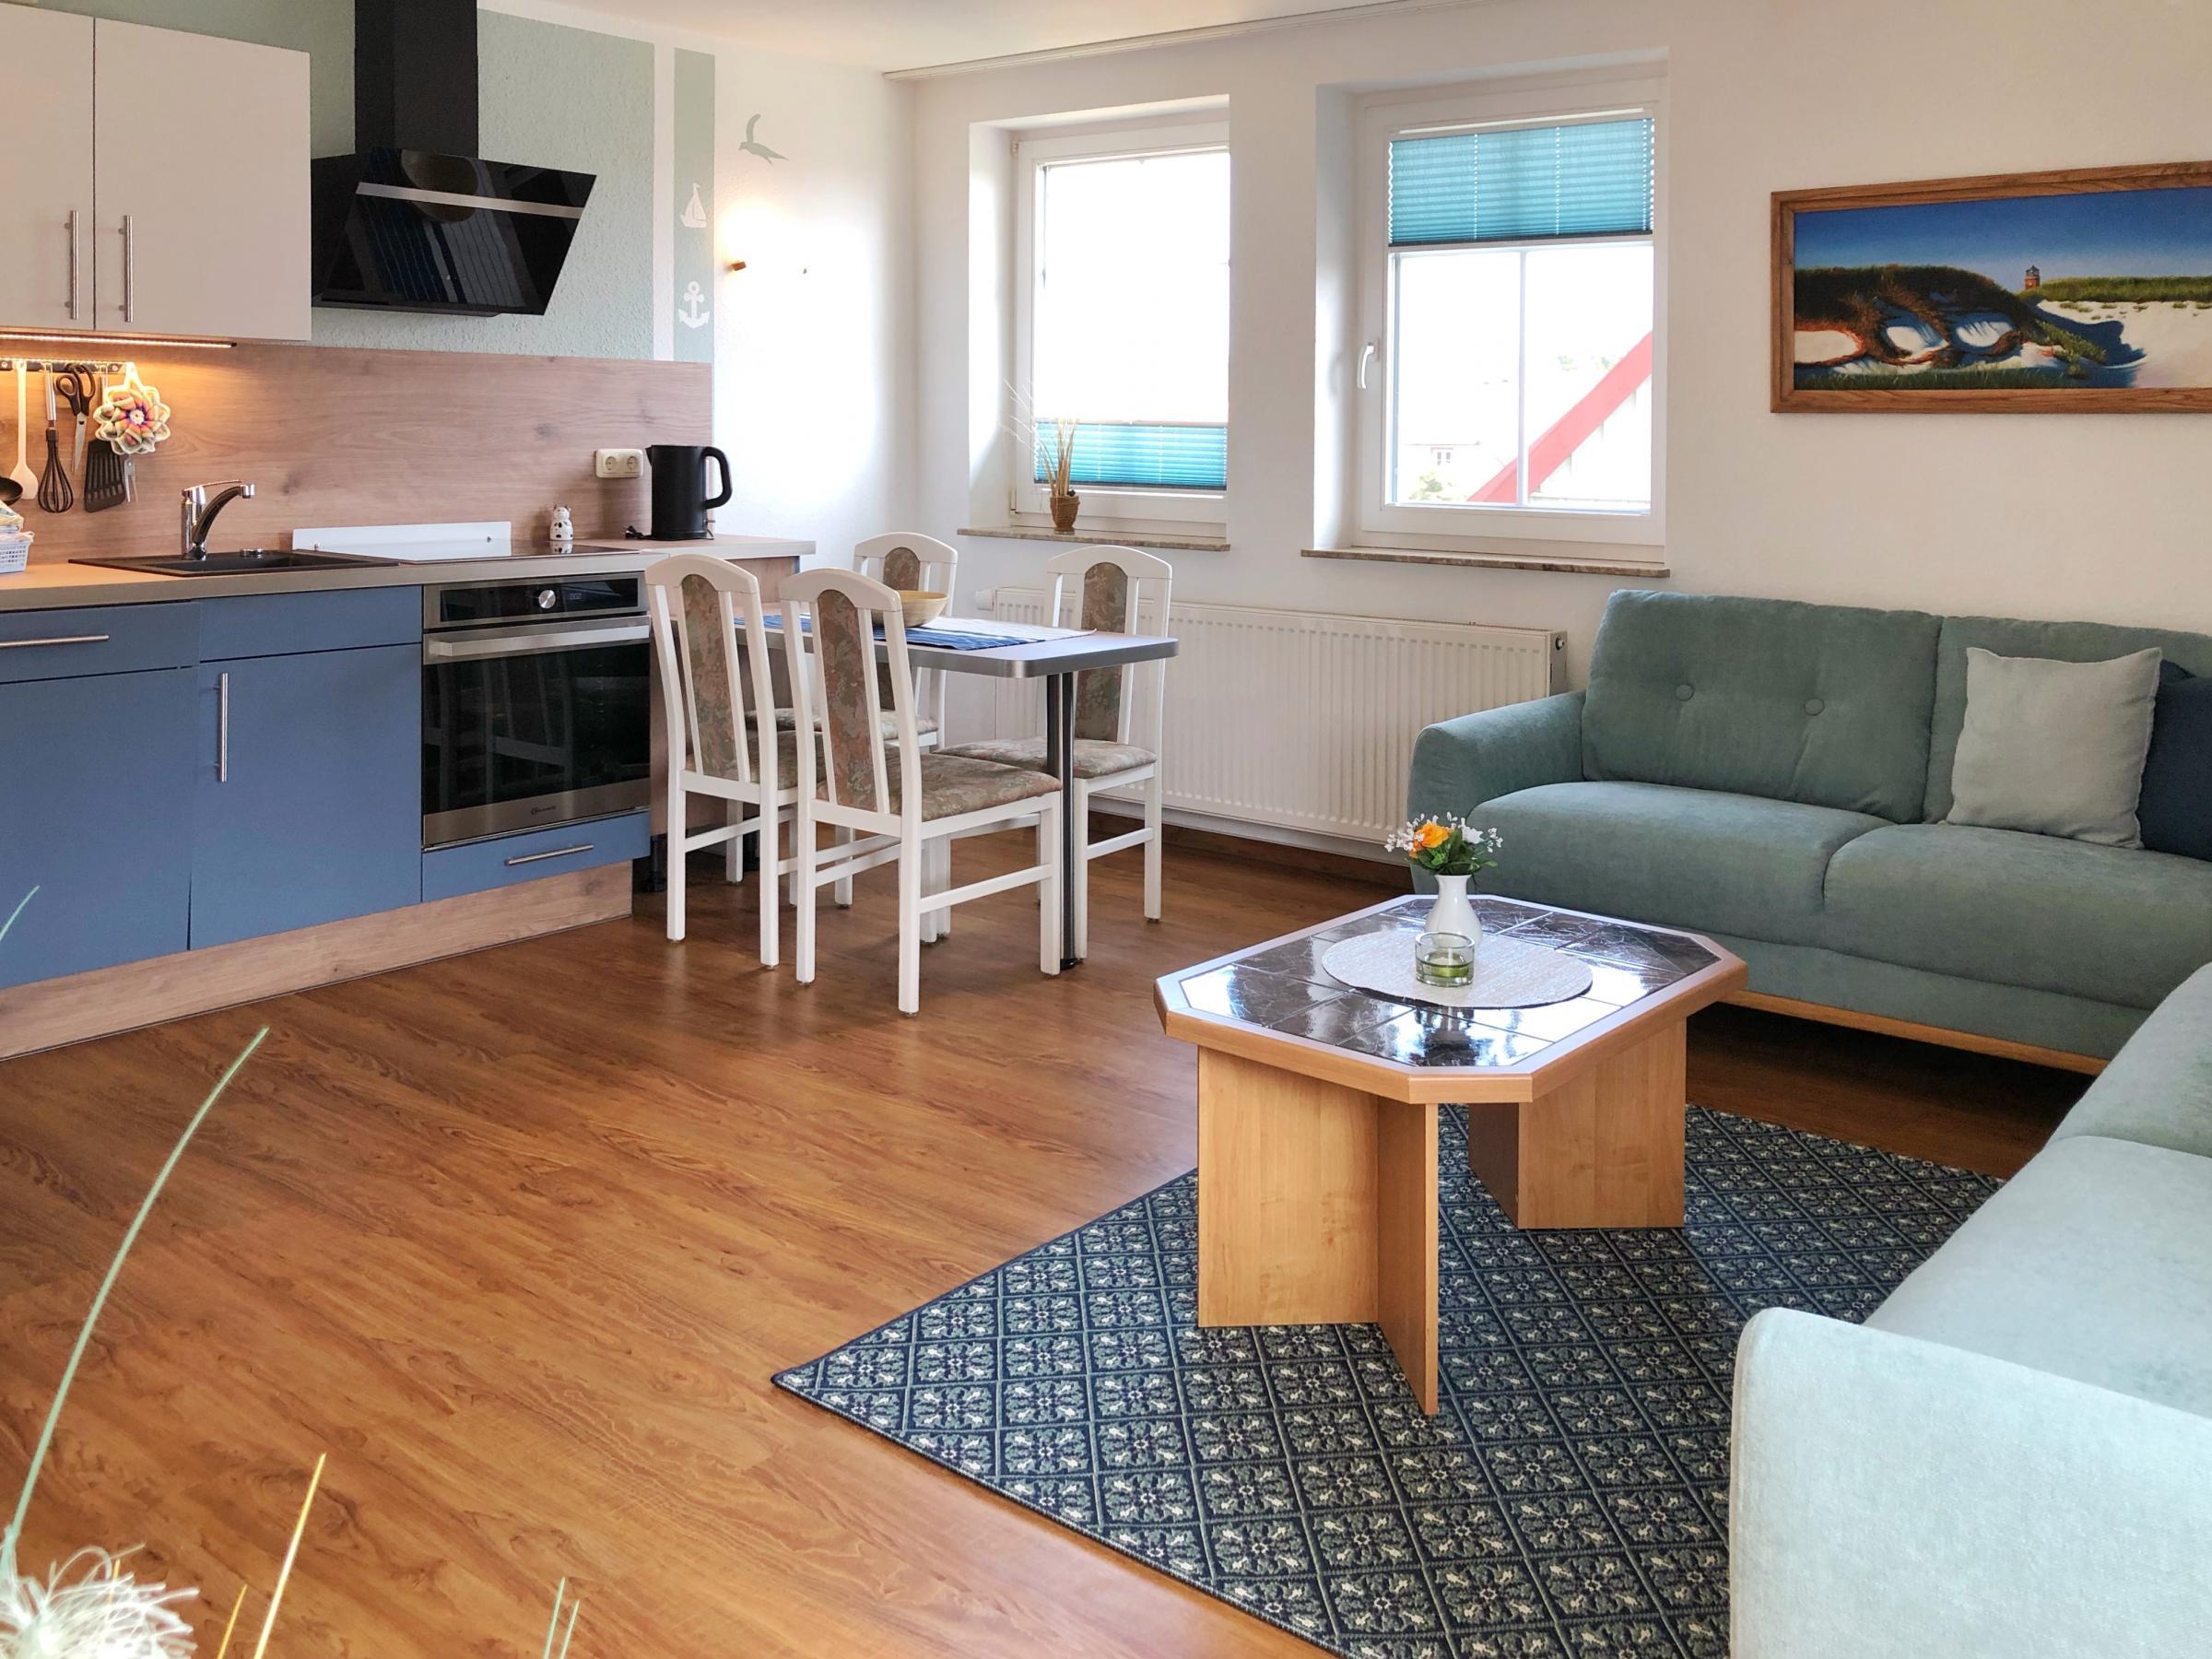 Viel Platz im zentralen Wohn- und Küchenbereich der Wohnung. Von allen PLaätzen können Sie entspannt  das digitale SAT-Fernsehprogramm verfolgen.